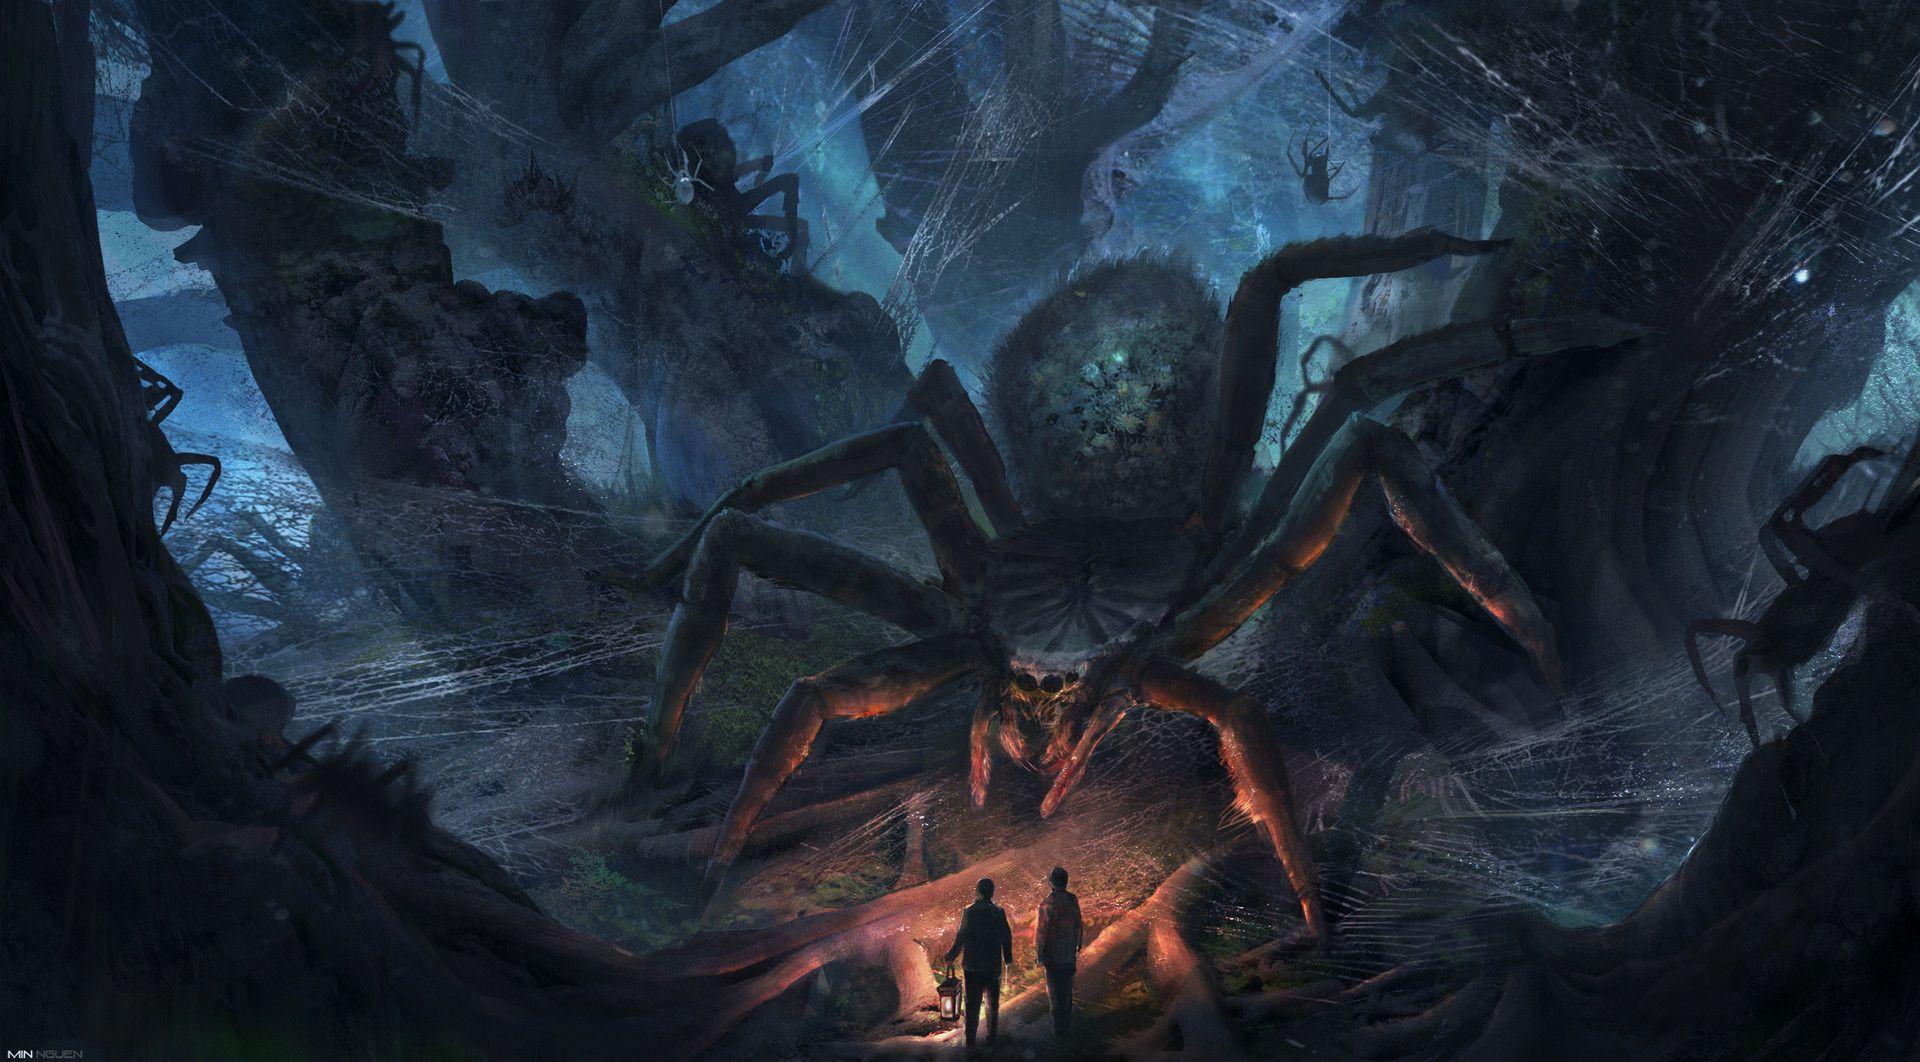 картинки зловещие пауки жарком